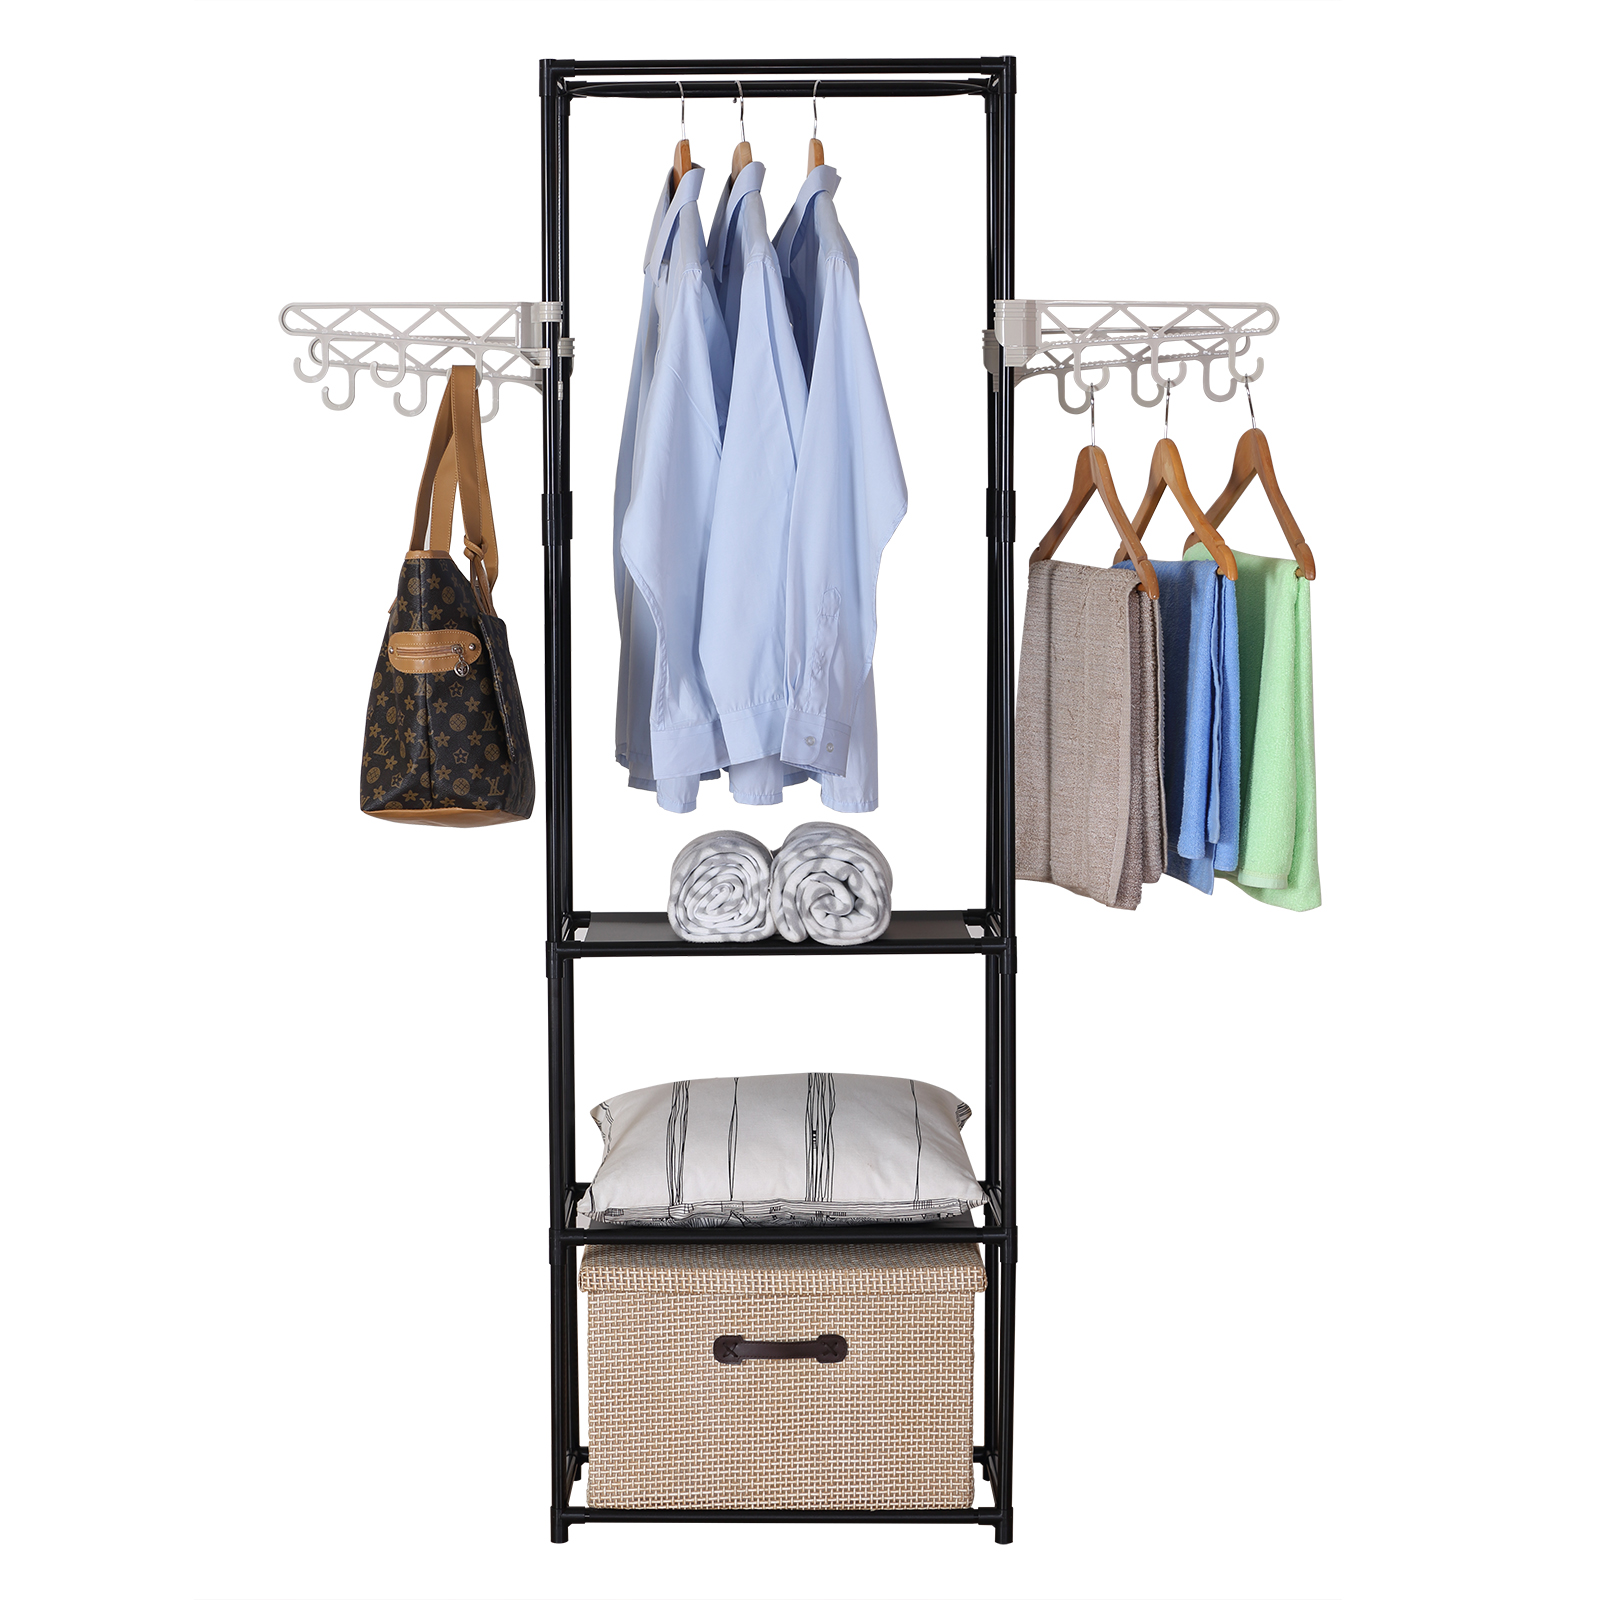 kleiderst nder garderobenst nder mit haken ablagen. Black Bedroom Furniture Sets. Home Design Ideas